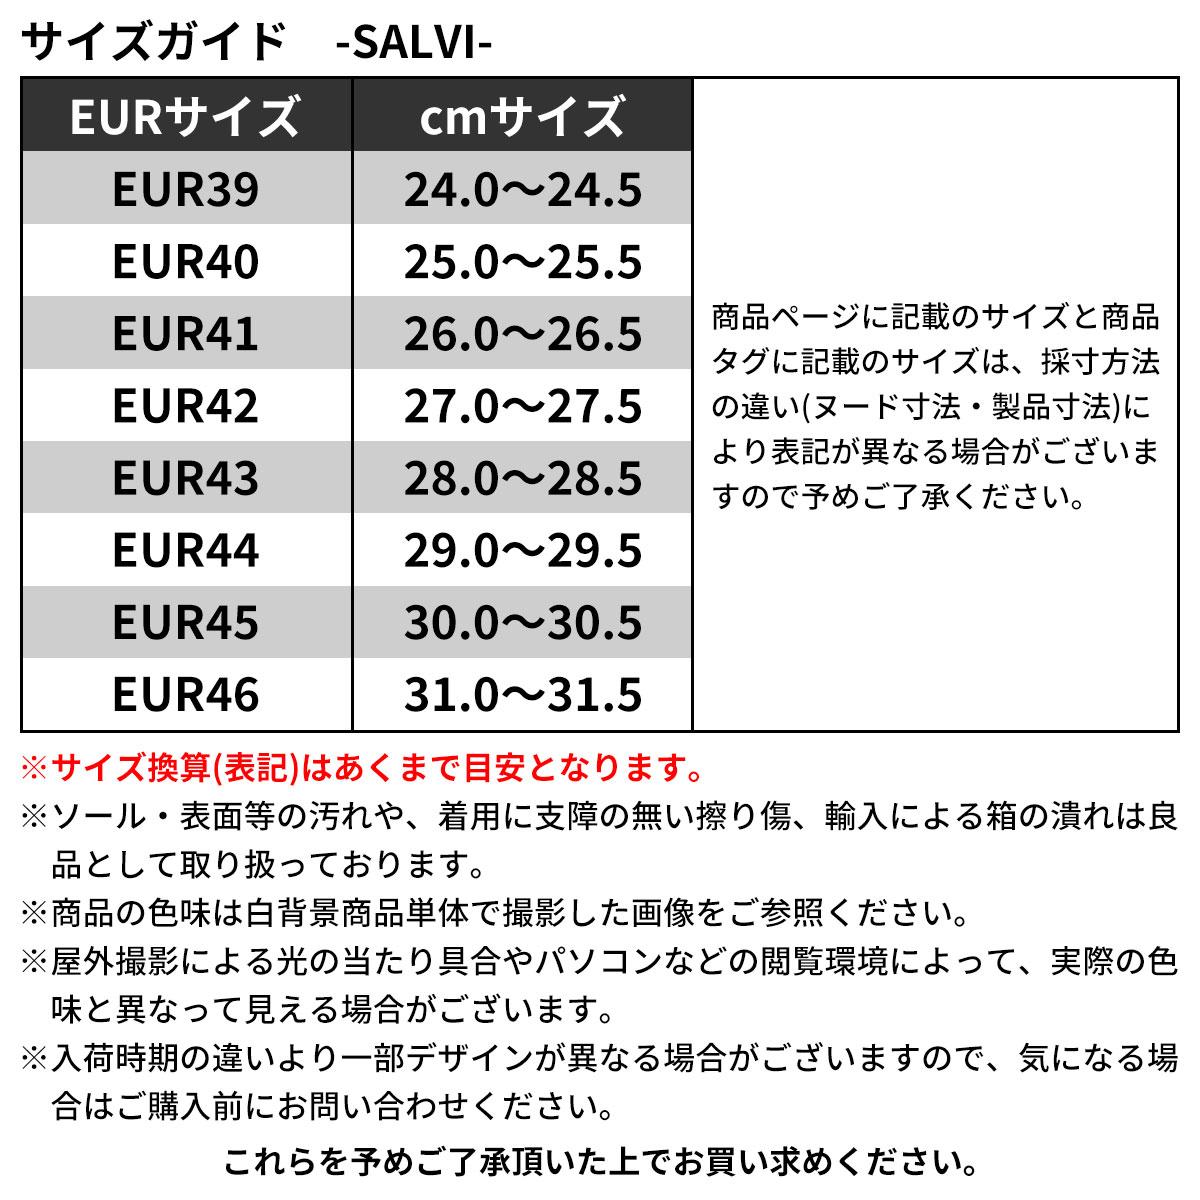 サルヴィ SALVI 正規販売店 シューズ エスパドリーユ ESPADRILLE SHOES 44-2 ROJO A71B B1C C4D D2E E11F